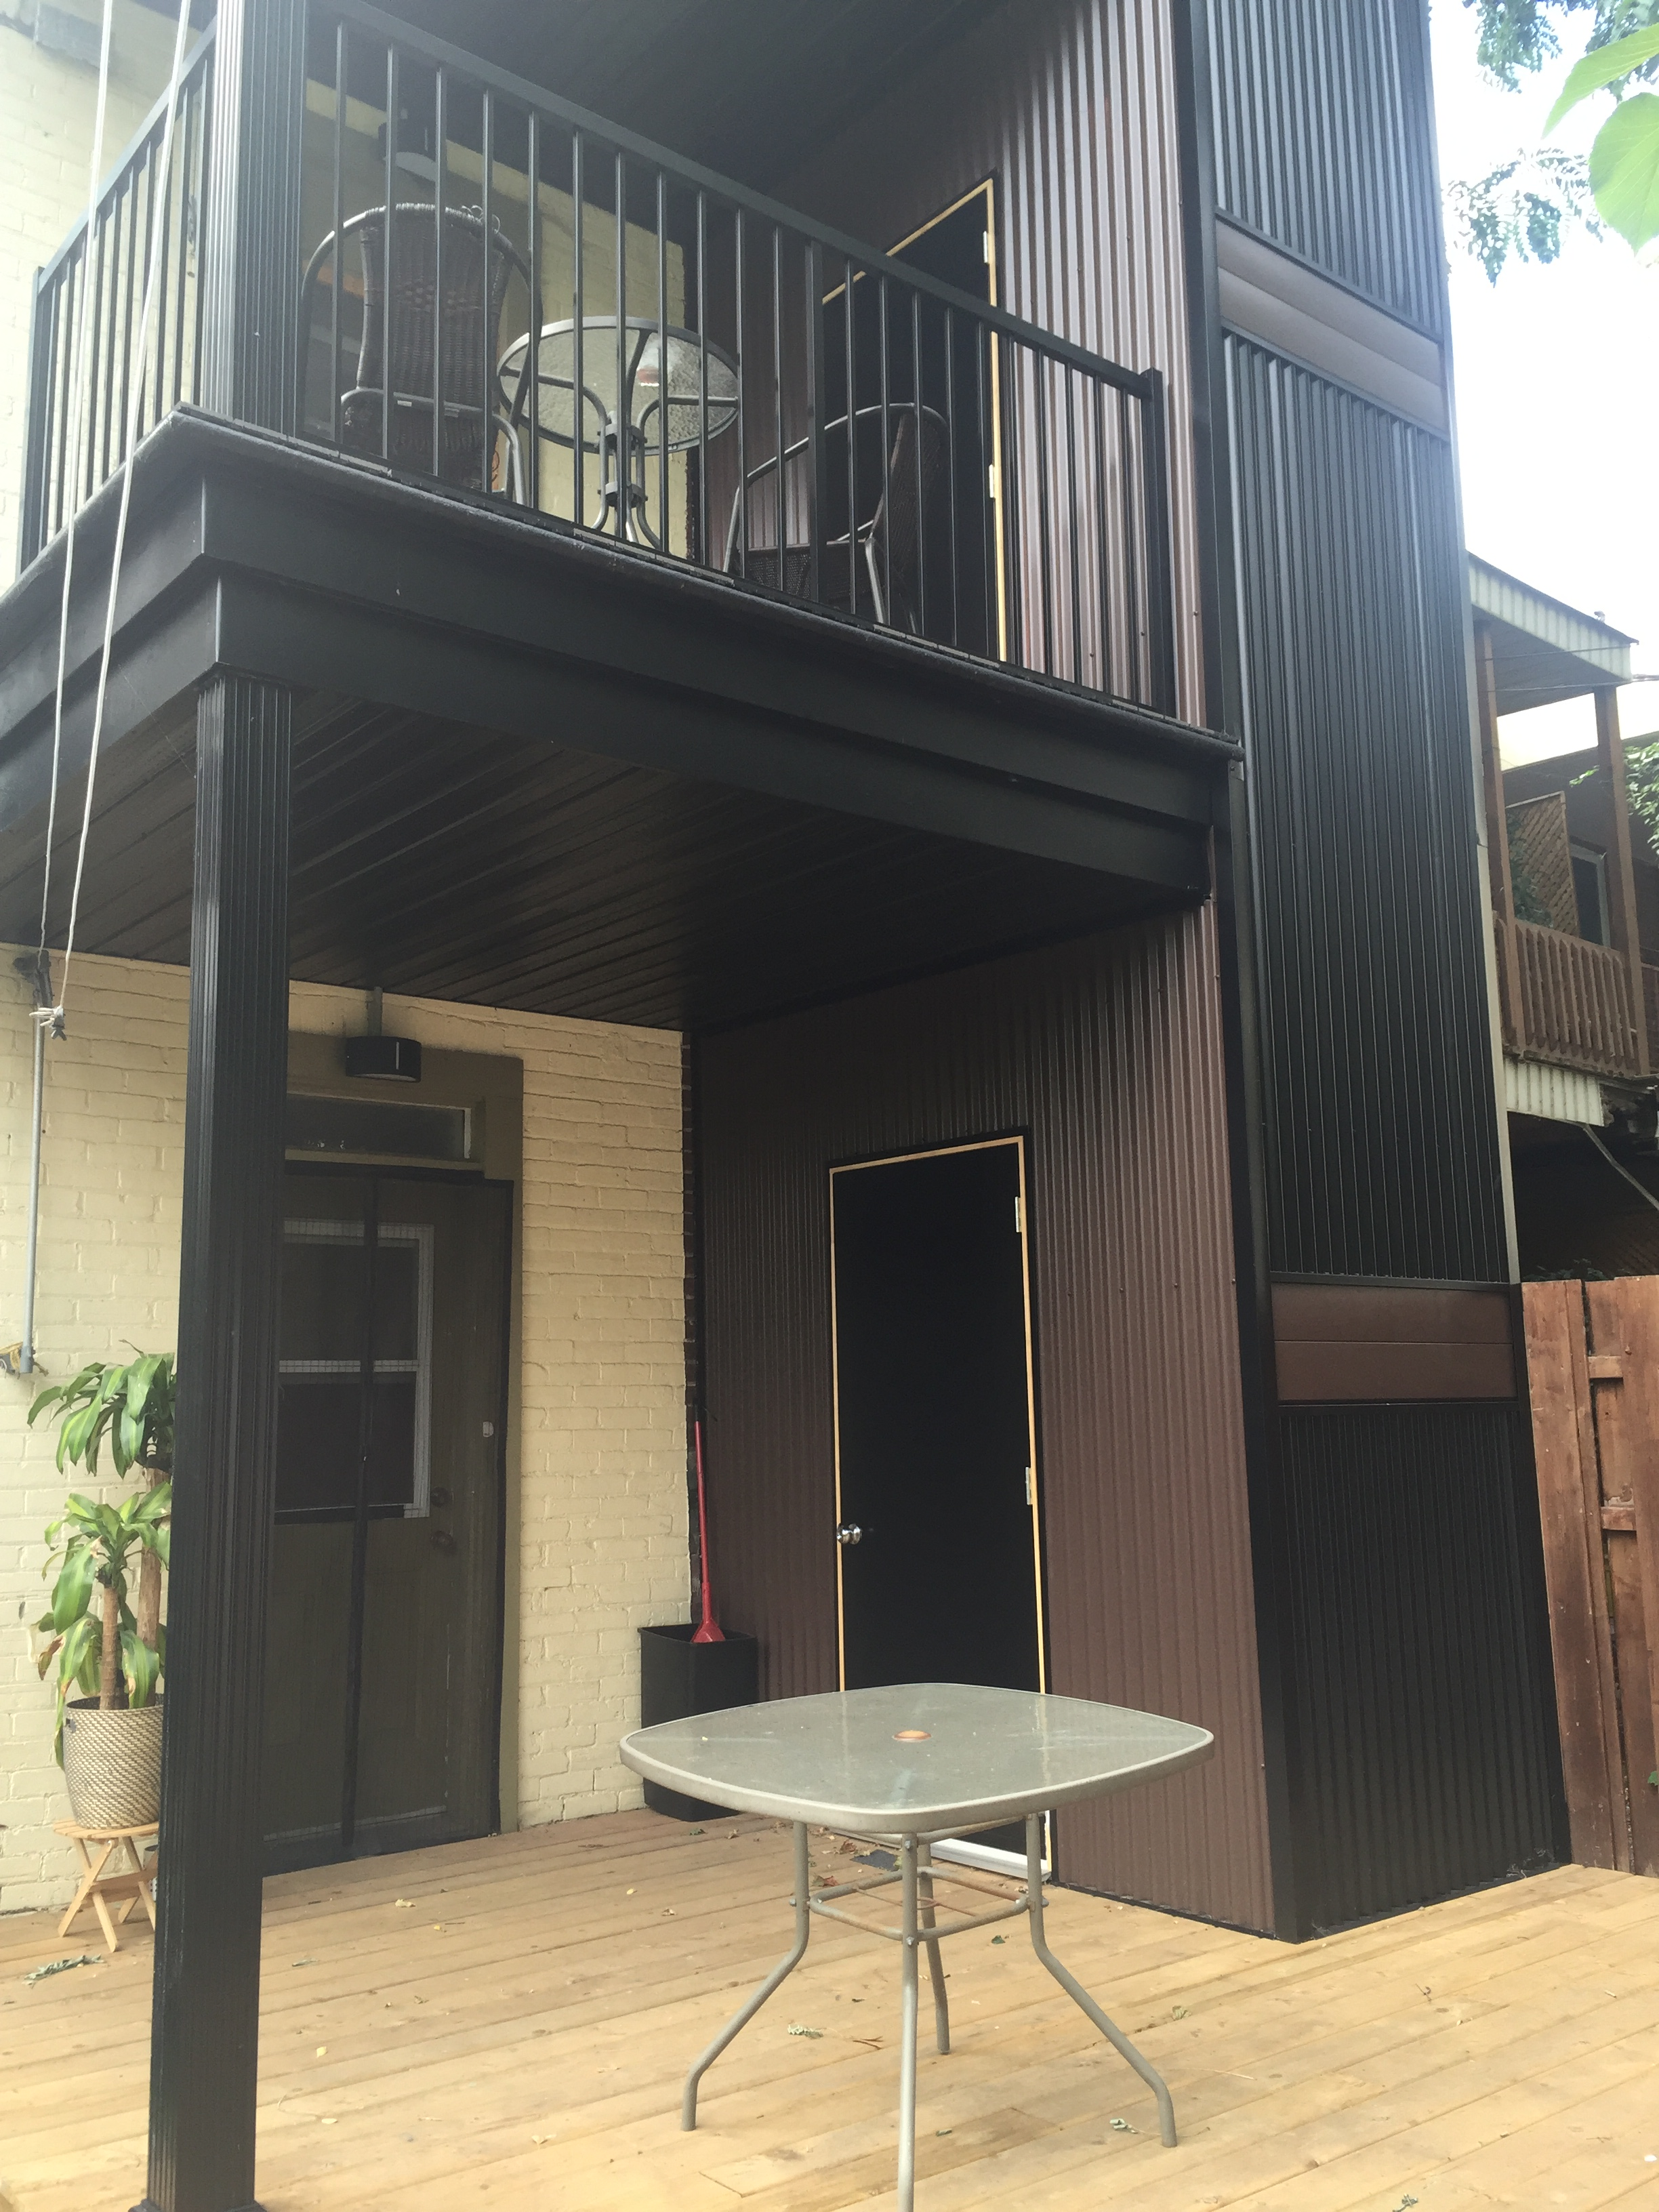 patio balcon et terrasse construction 1909 contactez nous pour obtenir une soumission. Black Bedroom Furniture Sets. Home Design Ideas